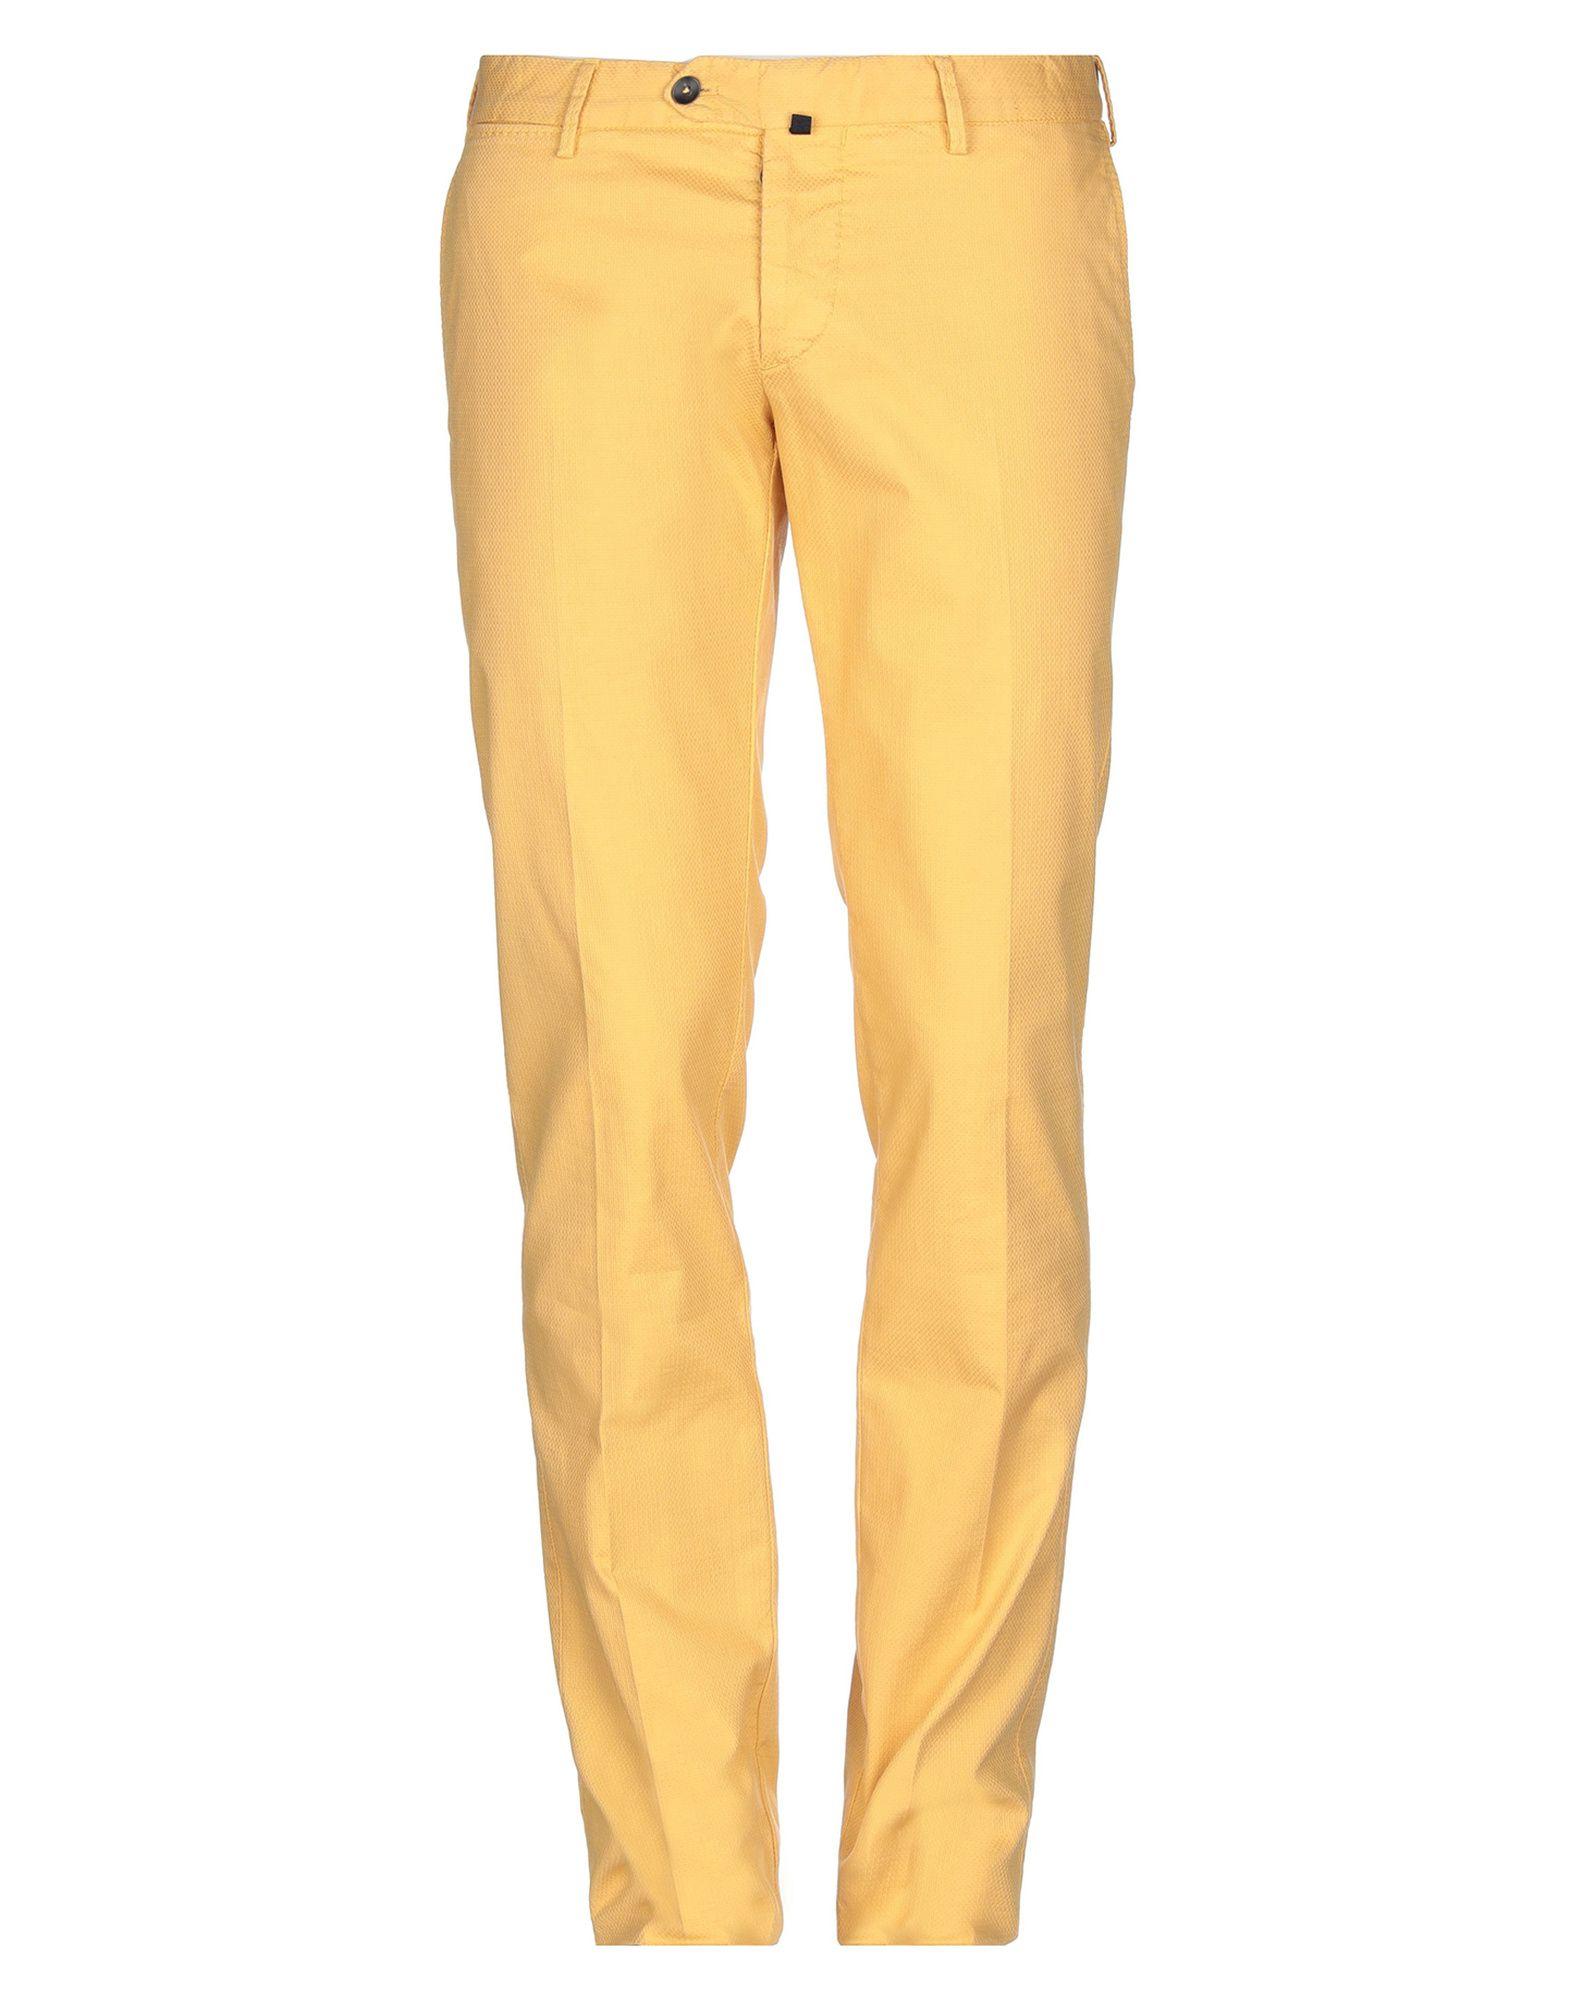 купить BAGNOLI Sartoria Napoli Повседневные брюки по цене 2700 рублей